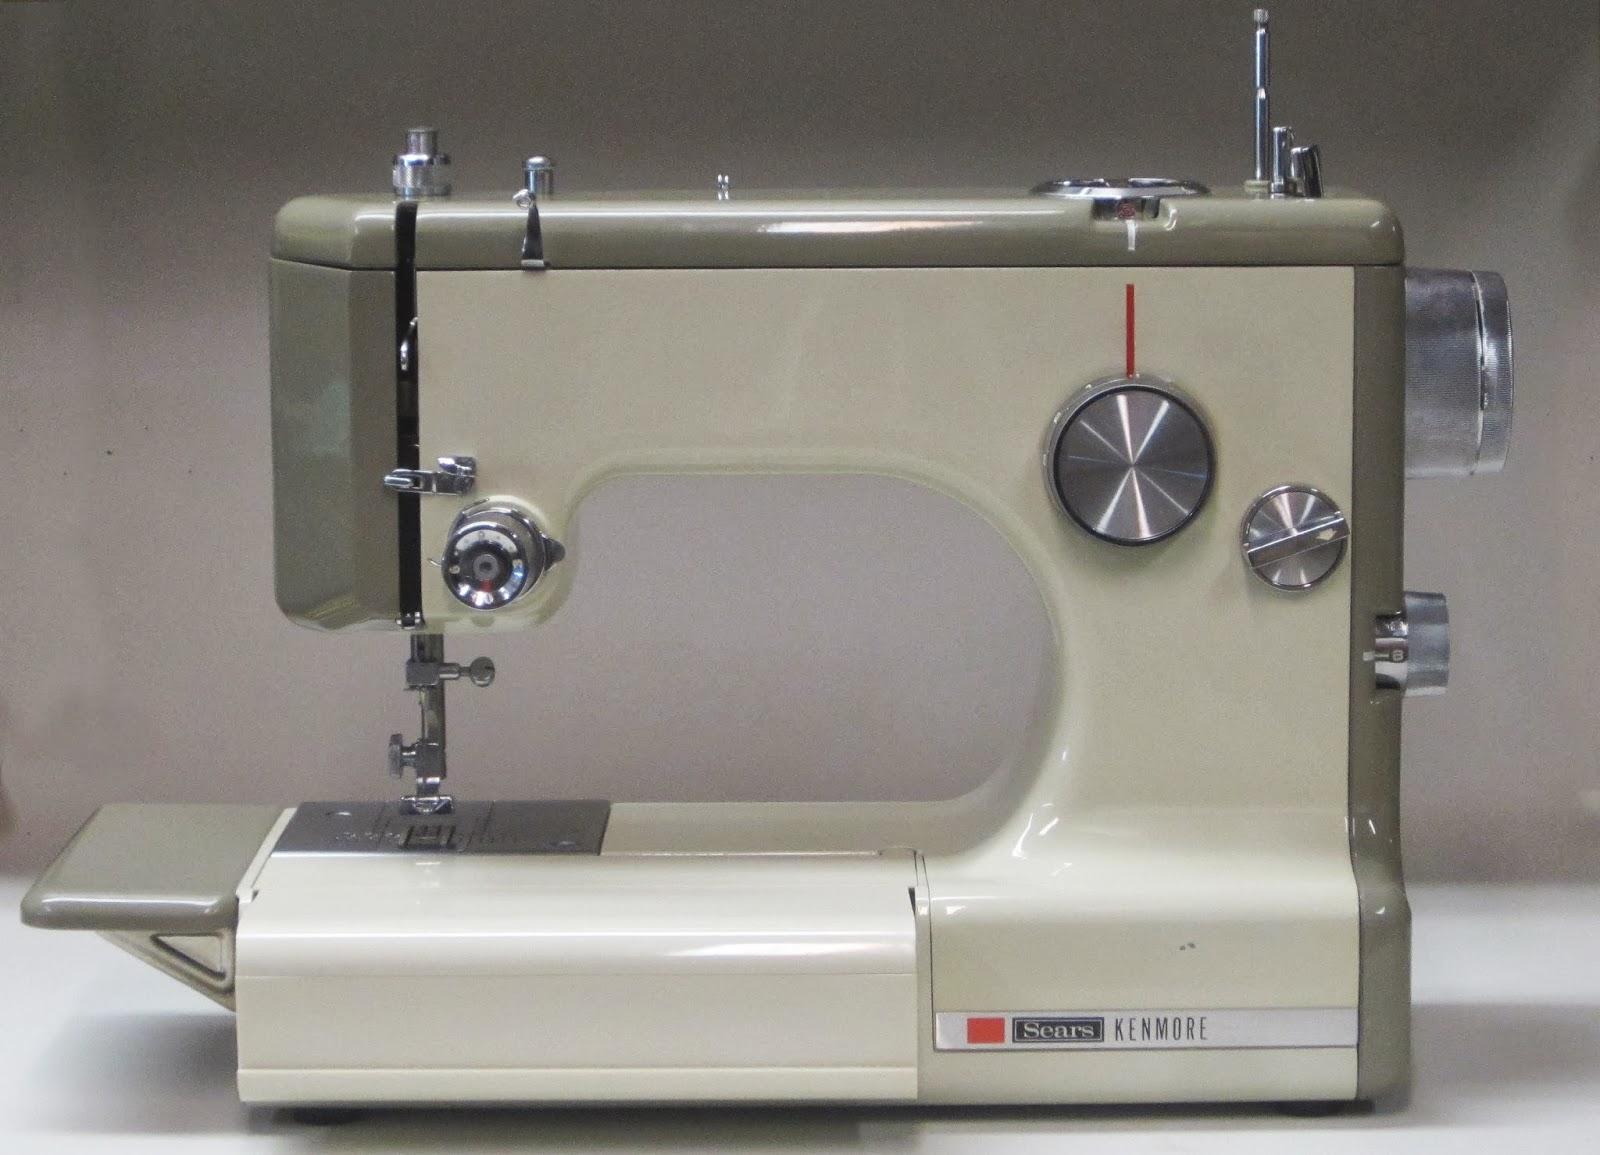 kenmore sewing machine vintage